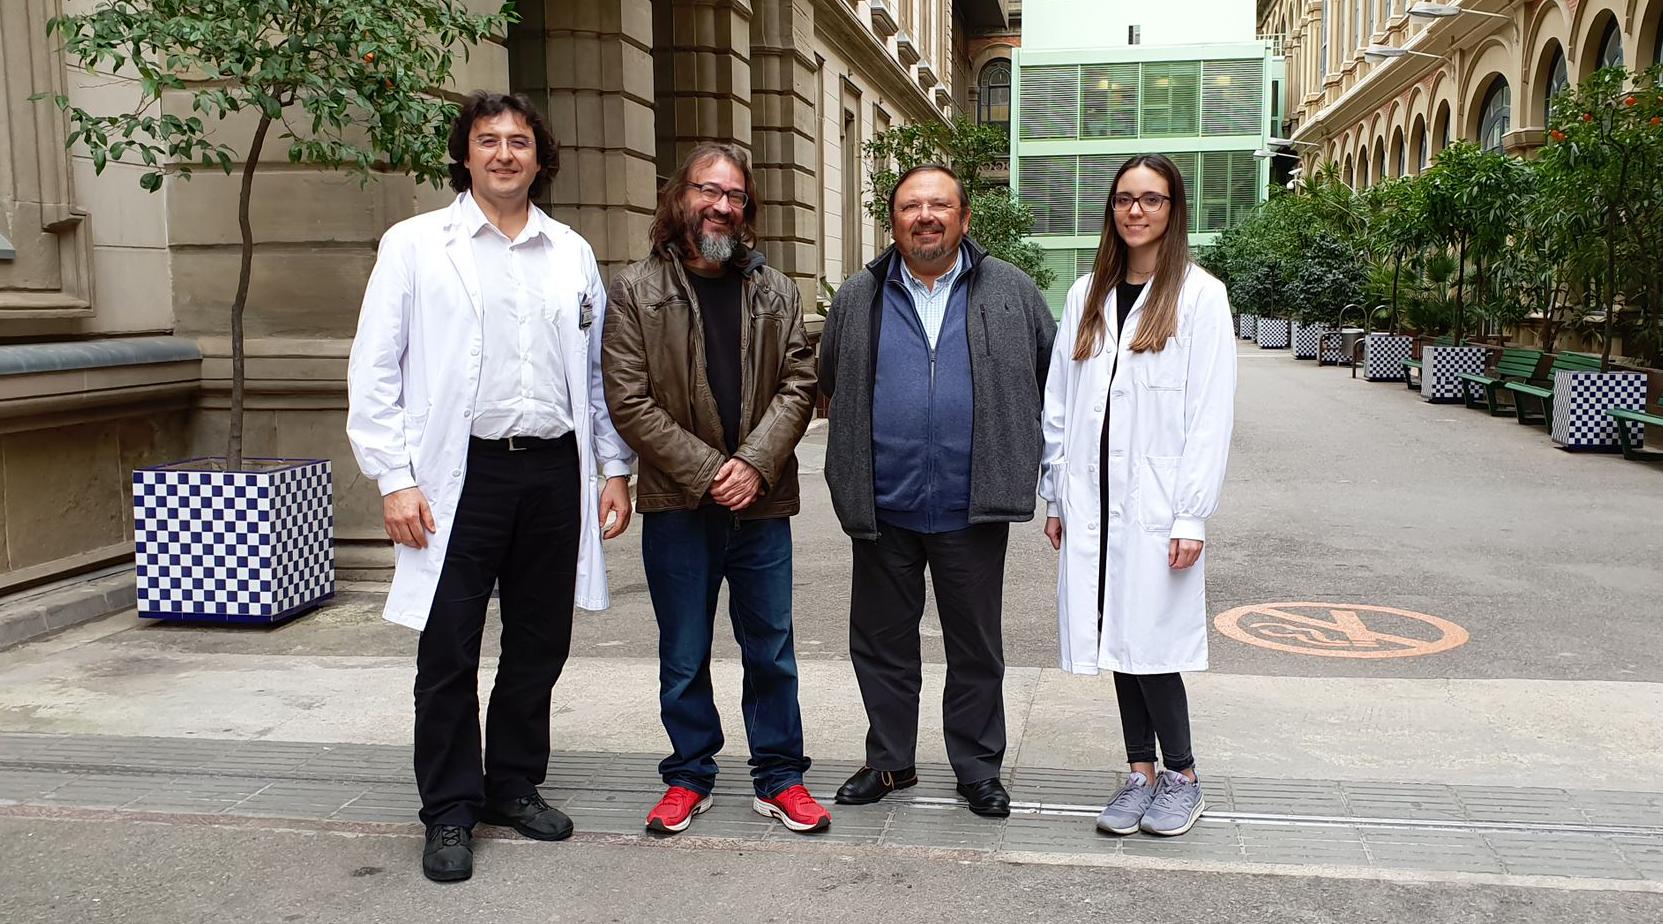 Las nanopartículas de óxido de cerio podrían mejorar el pronóstico del carcinoma hepatocelular